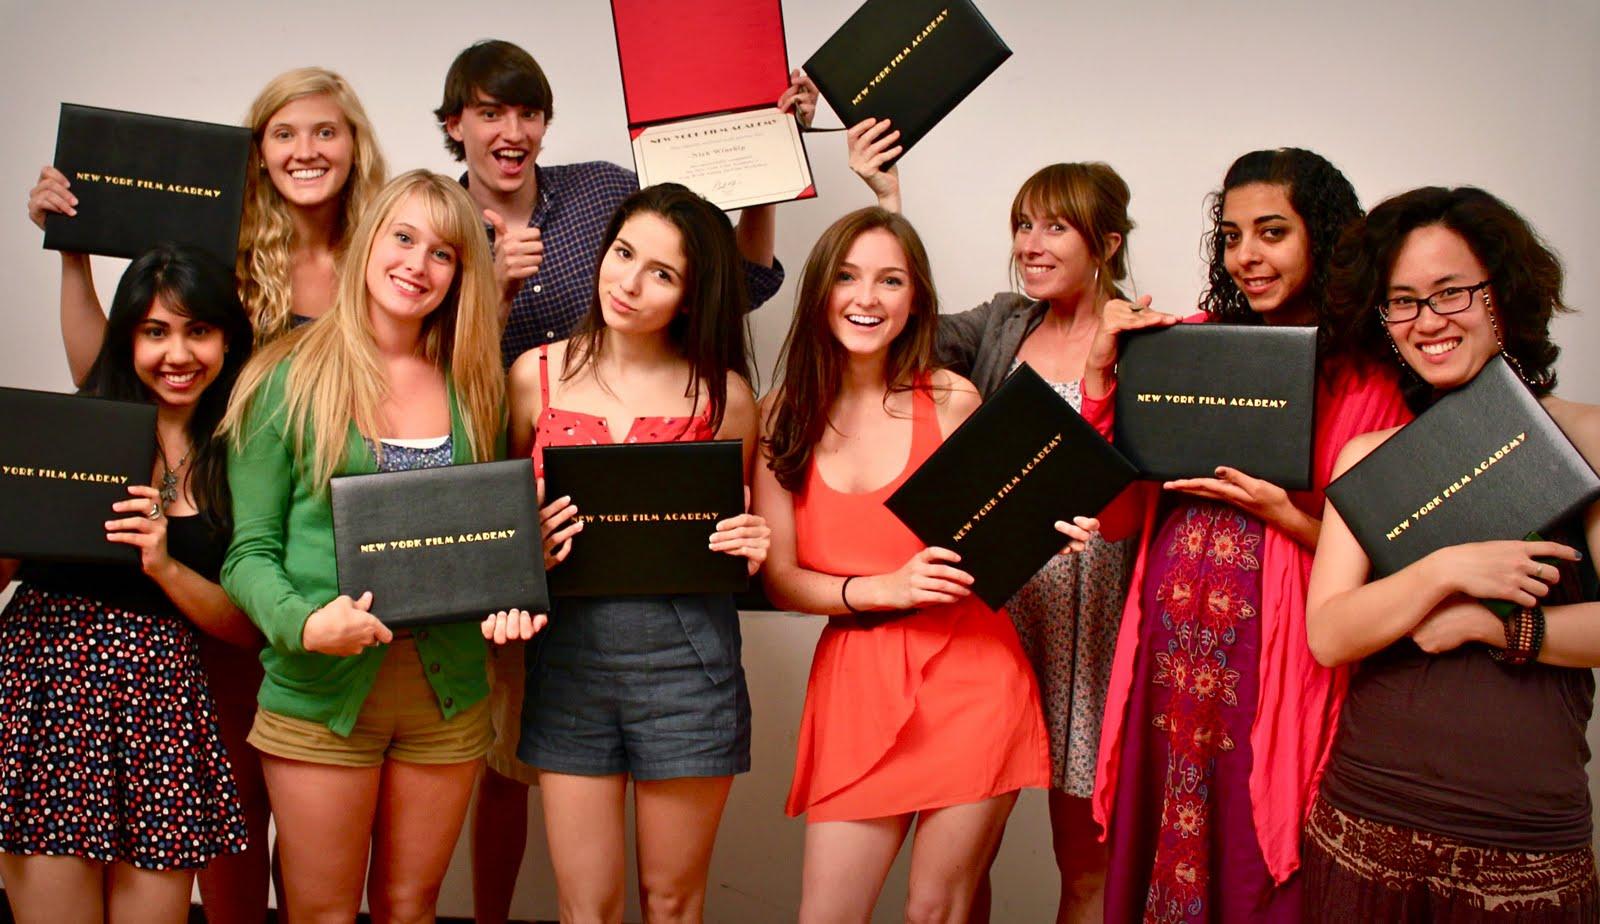 Biaya kuliah di New York Film Academy